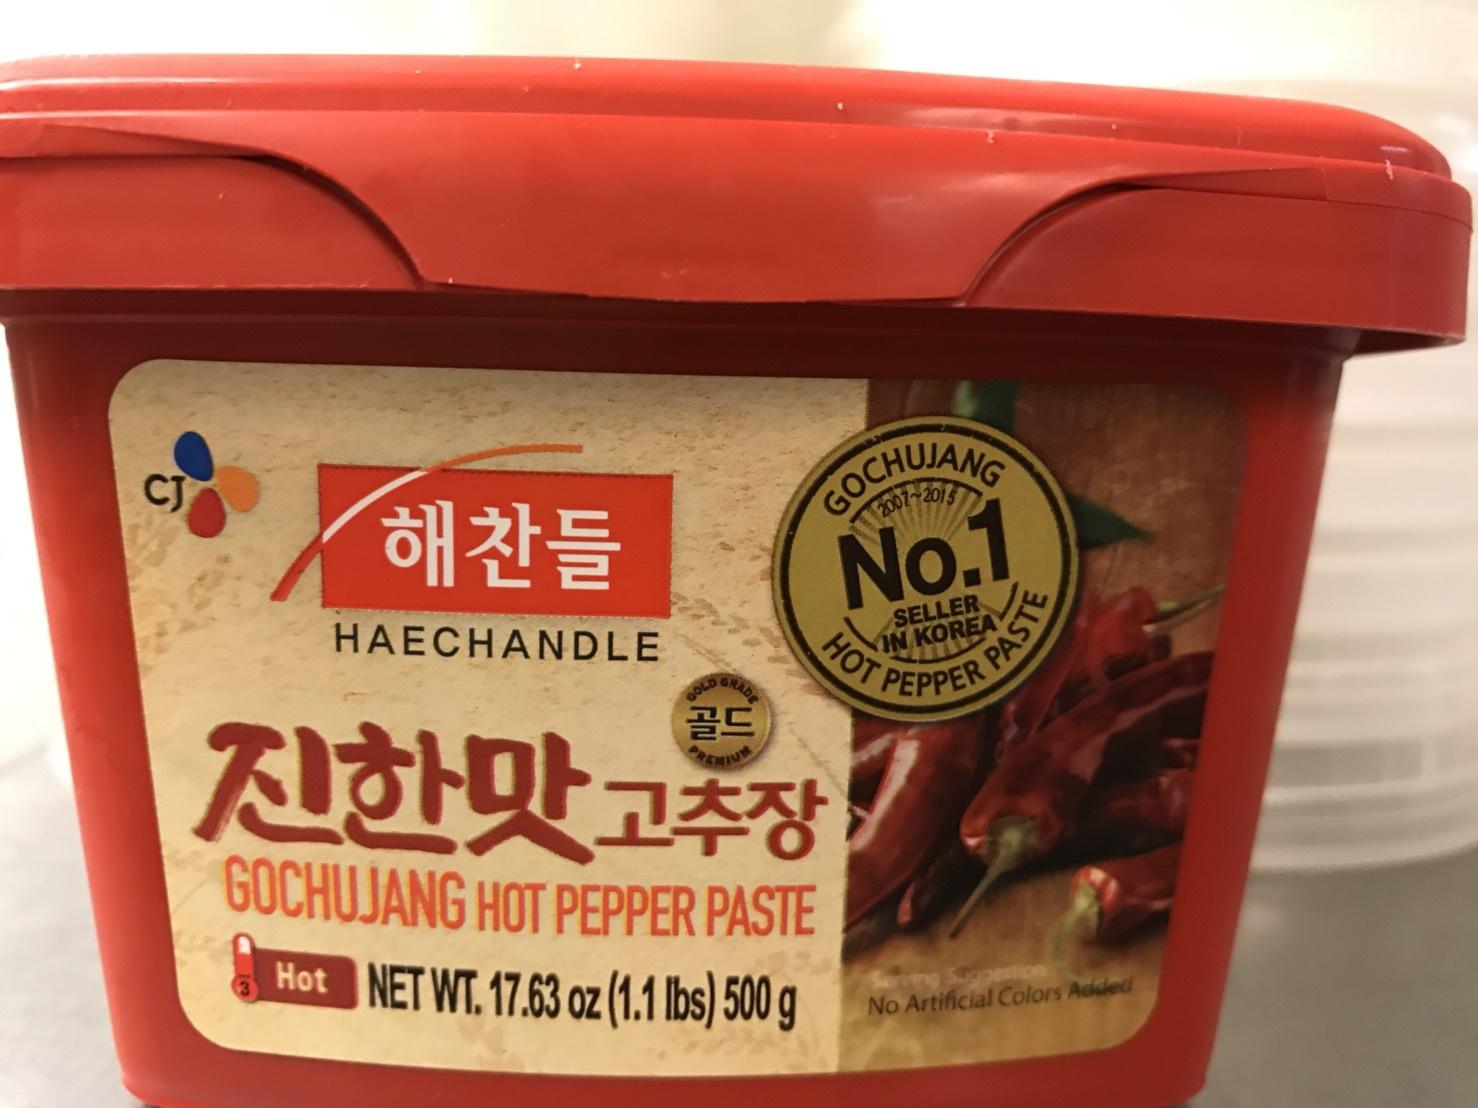 กิมจิผัดหมูสามชั้น 김치제육볶음  กิมจิ-เชยุก-บกกึม